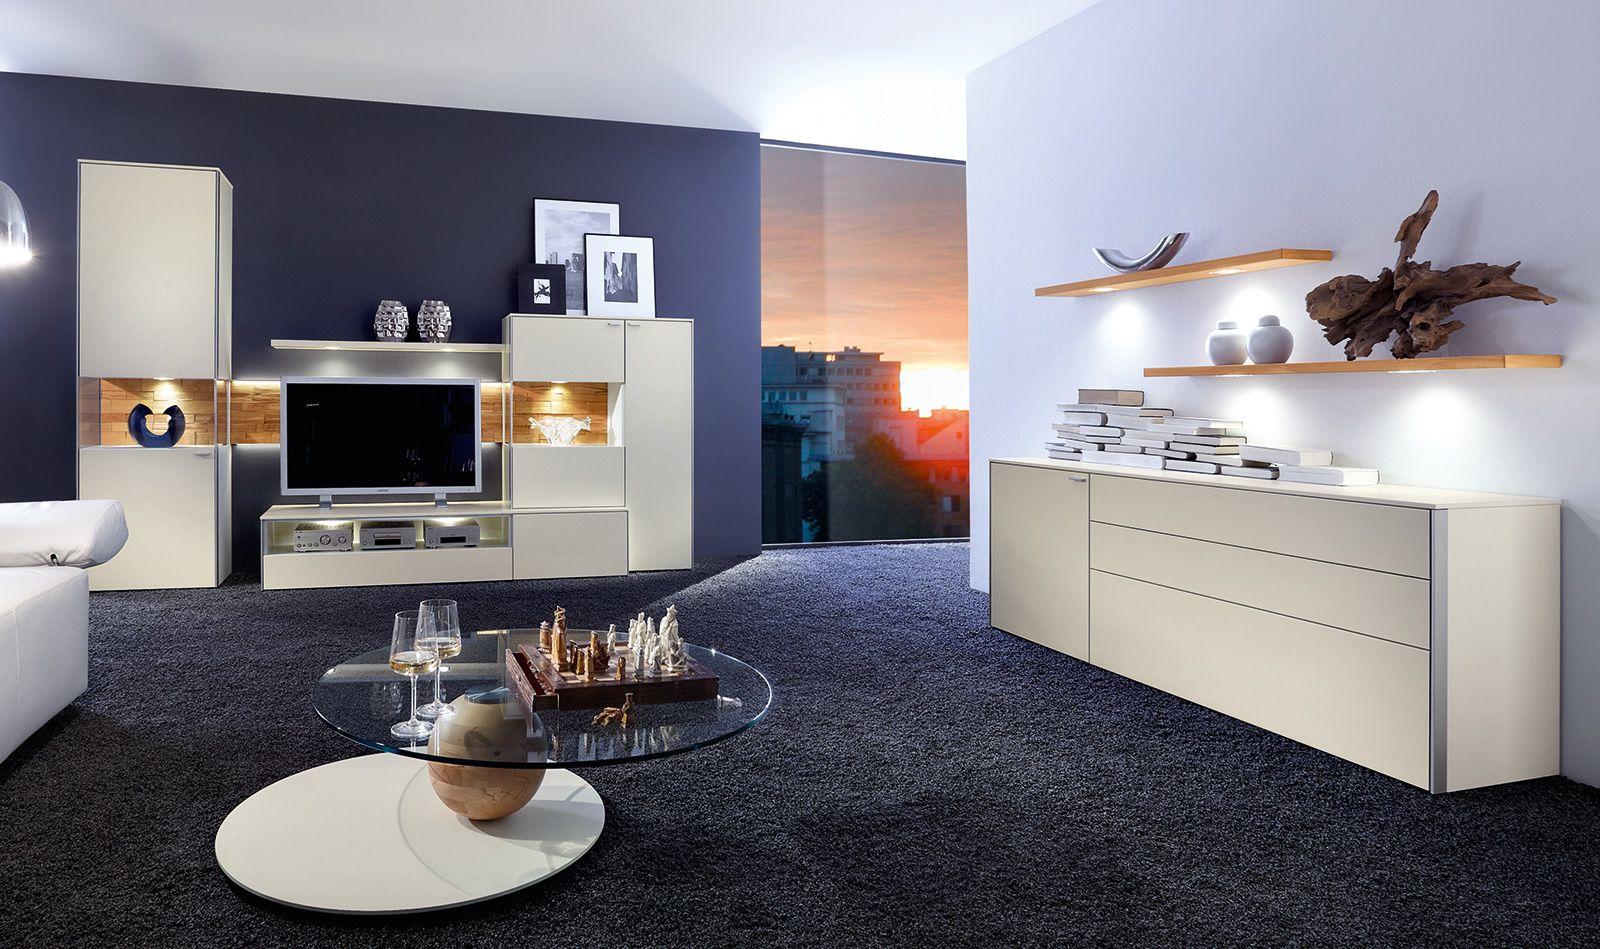 sentino - Programme - Wohnzimmer - Venjakob Möbel | Ideen rund ums ...